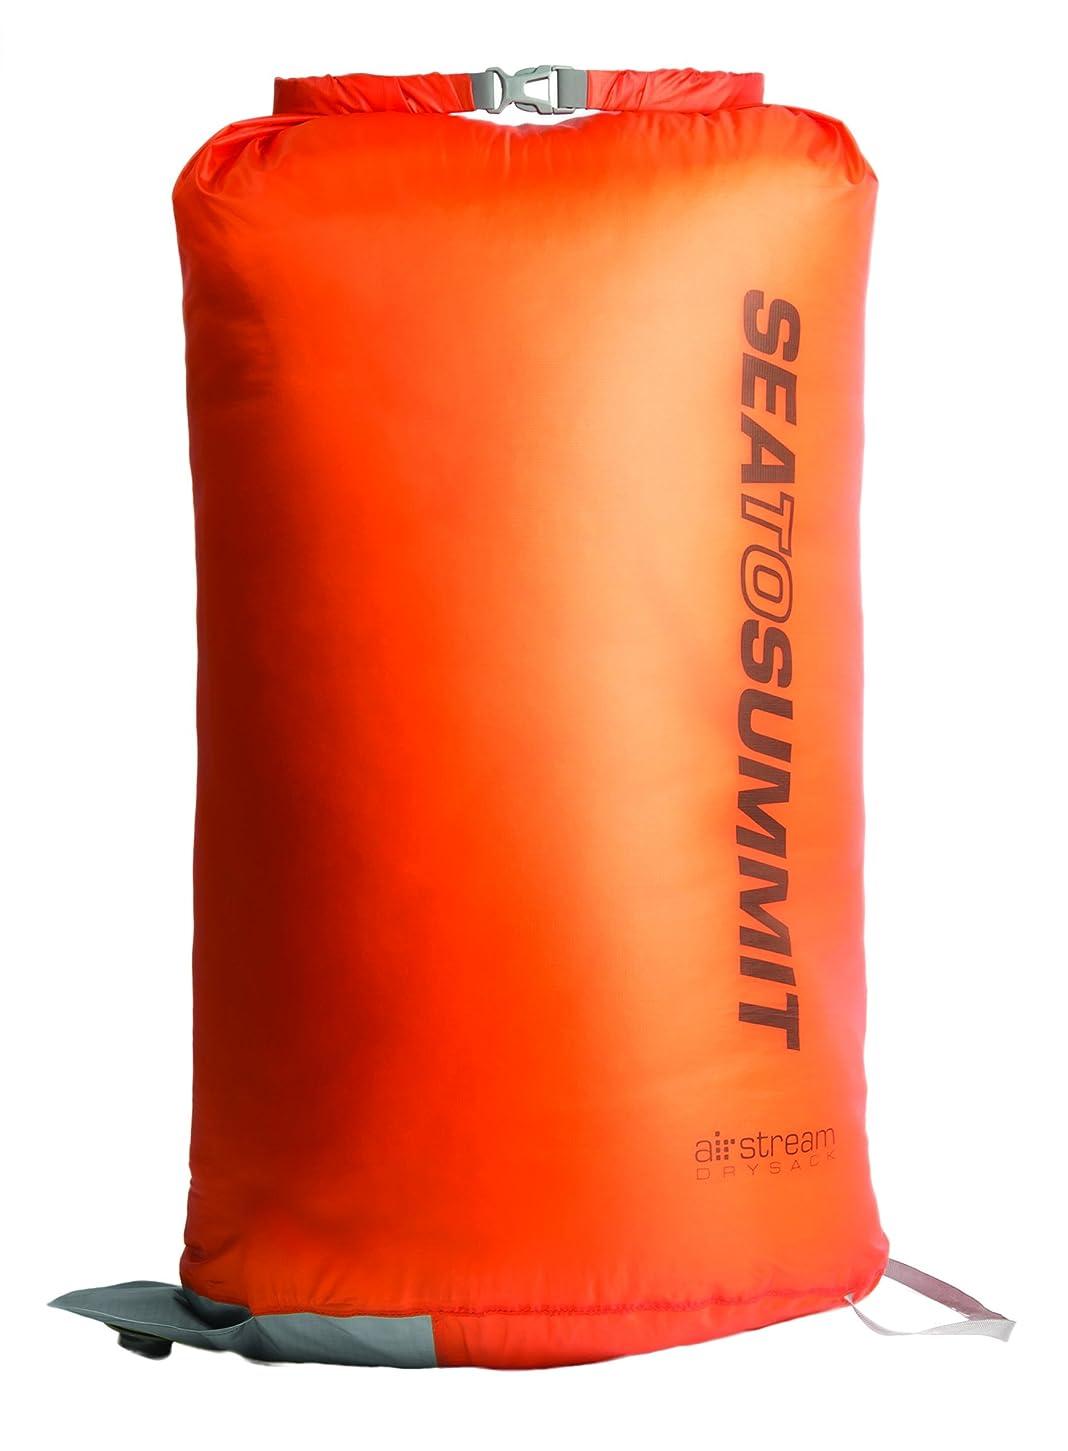 連合ハードスキムSEA TO SUMMIT(シートゥサミット) ポンプ エアストリーム ドライサック 1700496